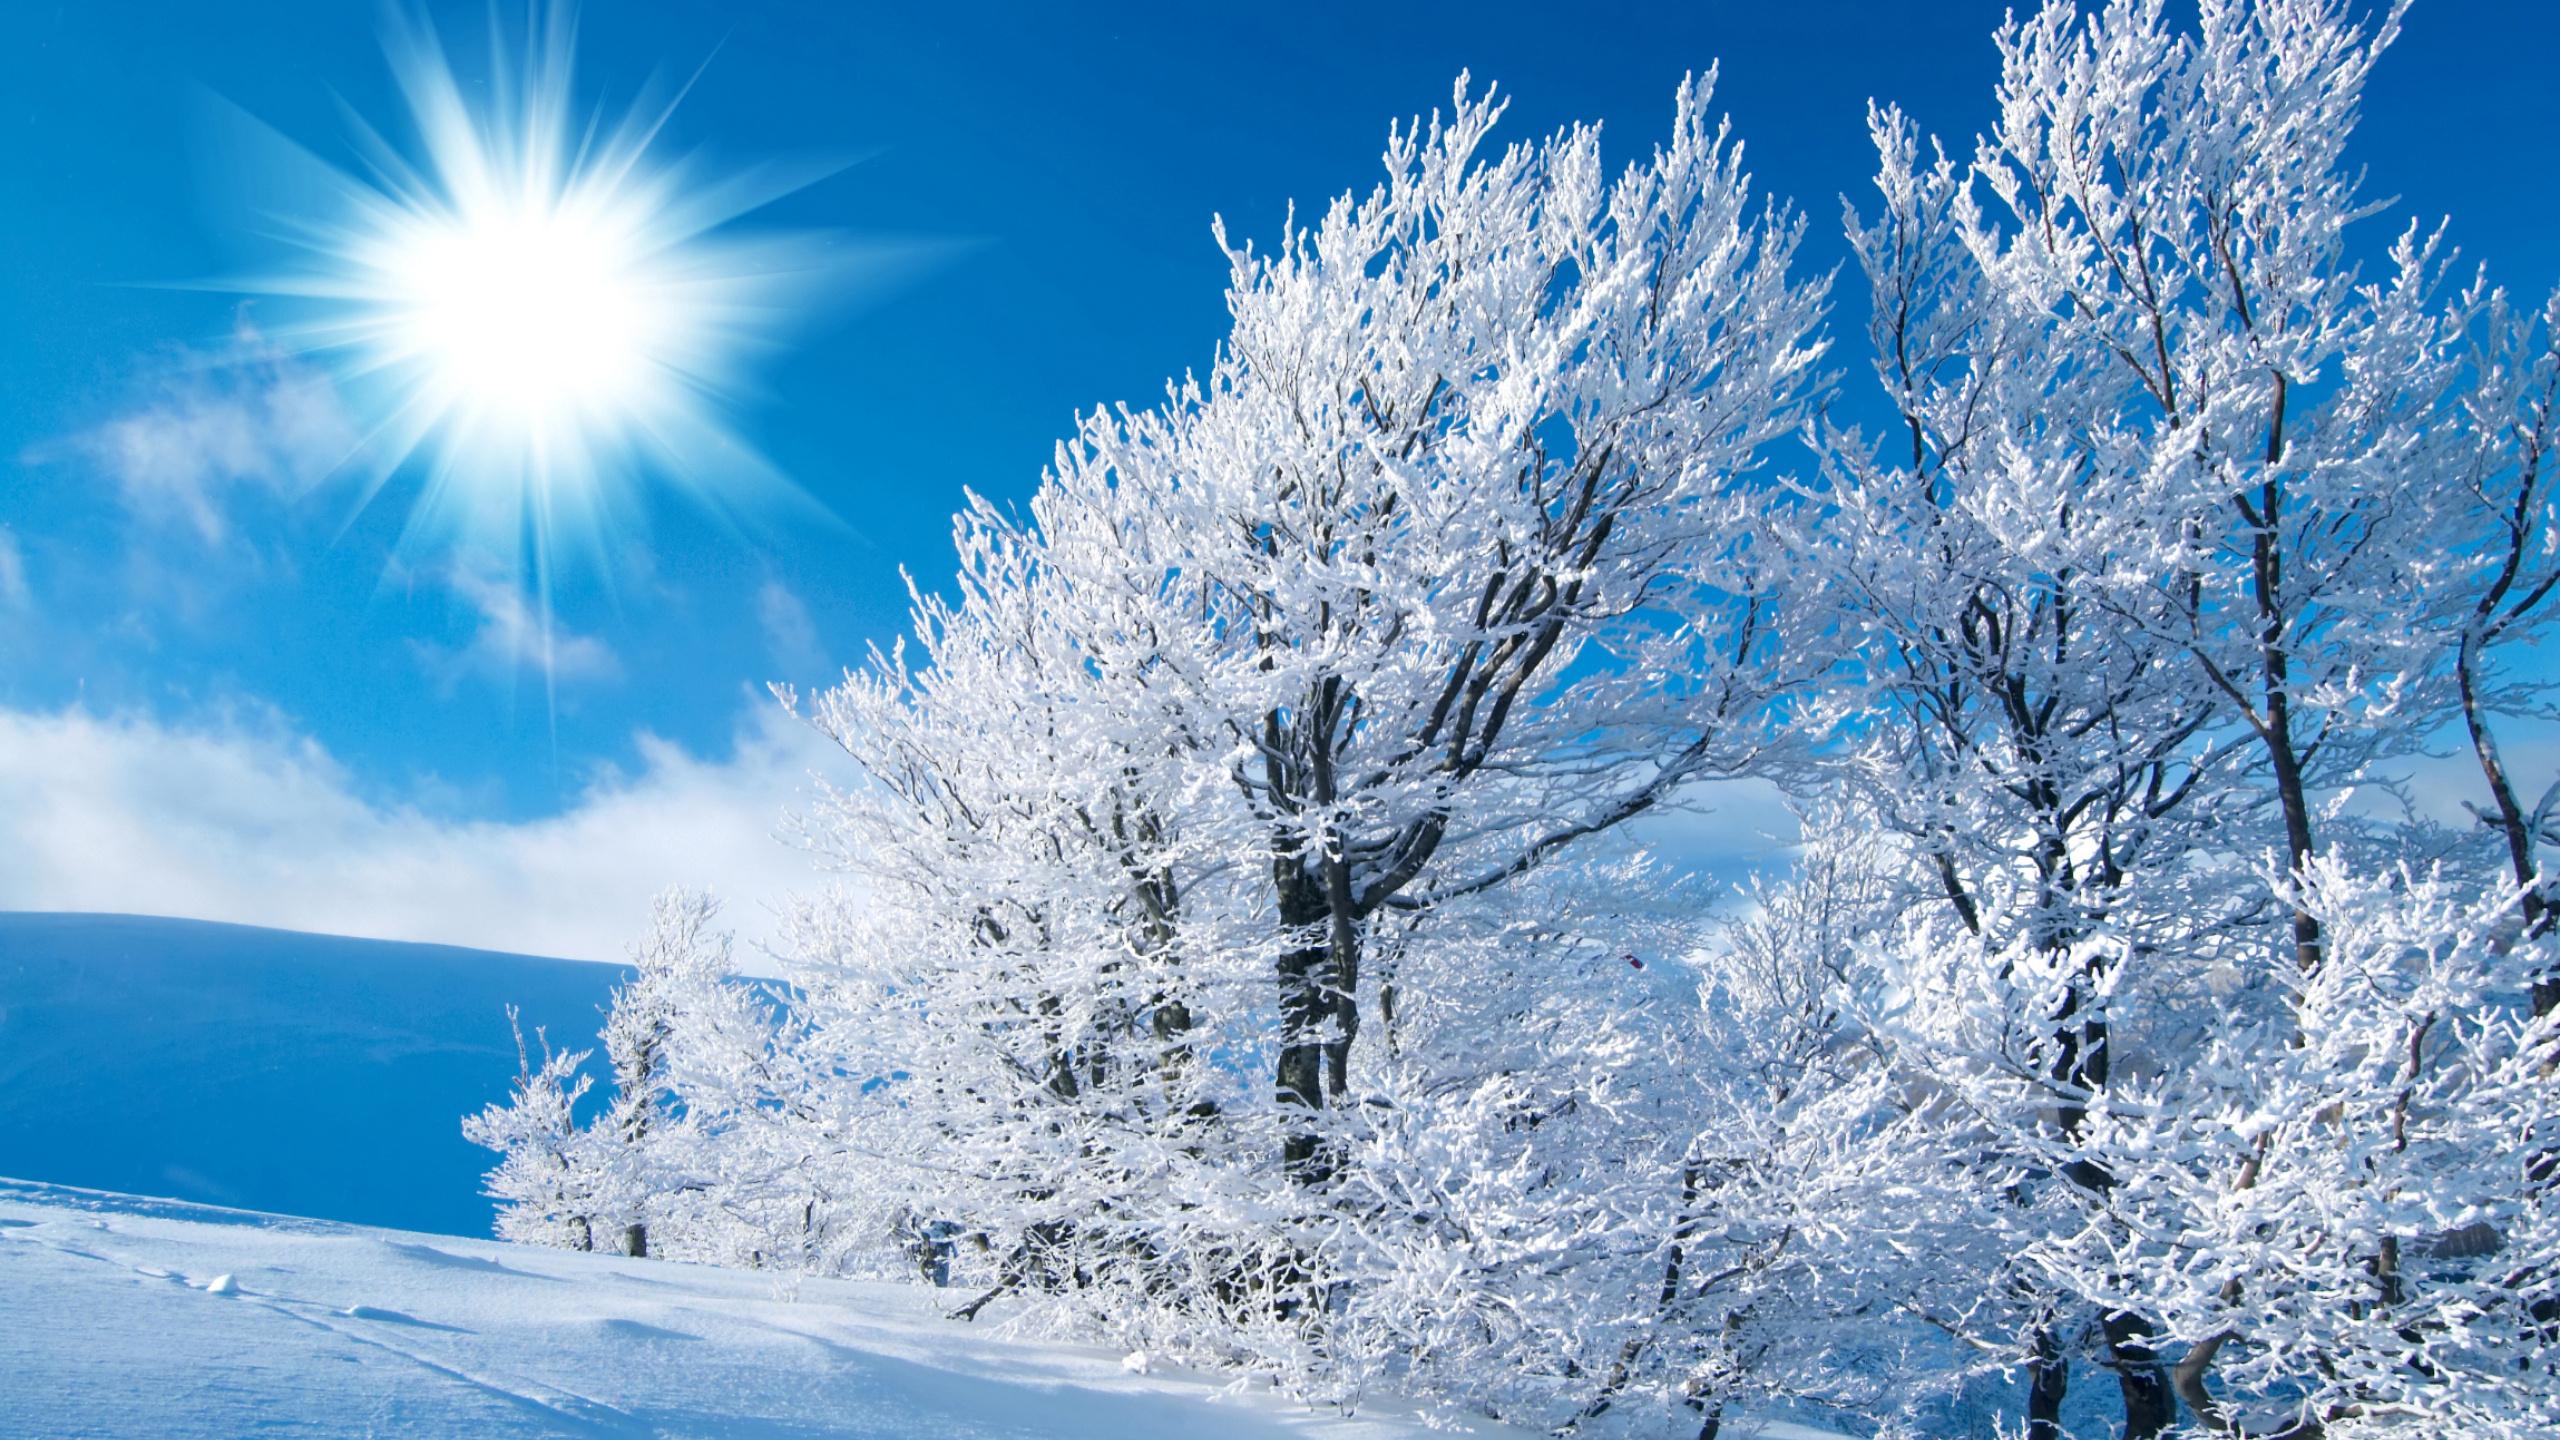 картинки очень хорошего качества зимние москвина потрясла